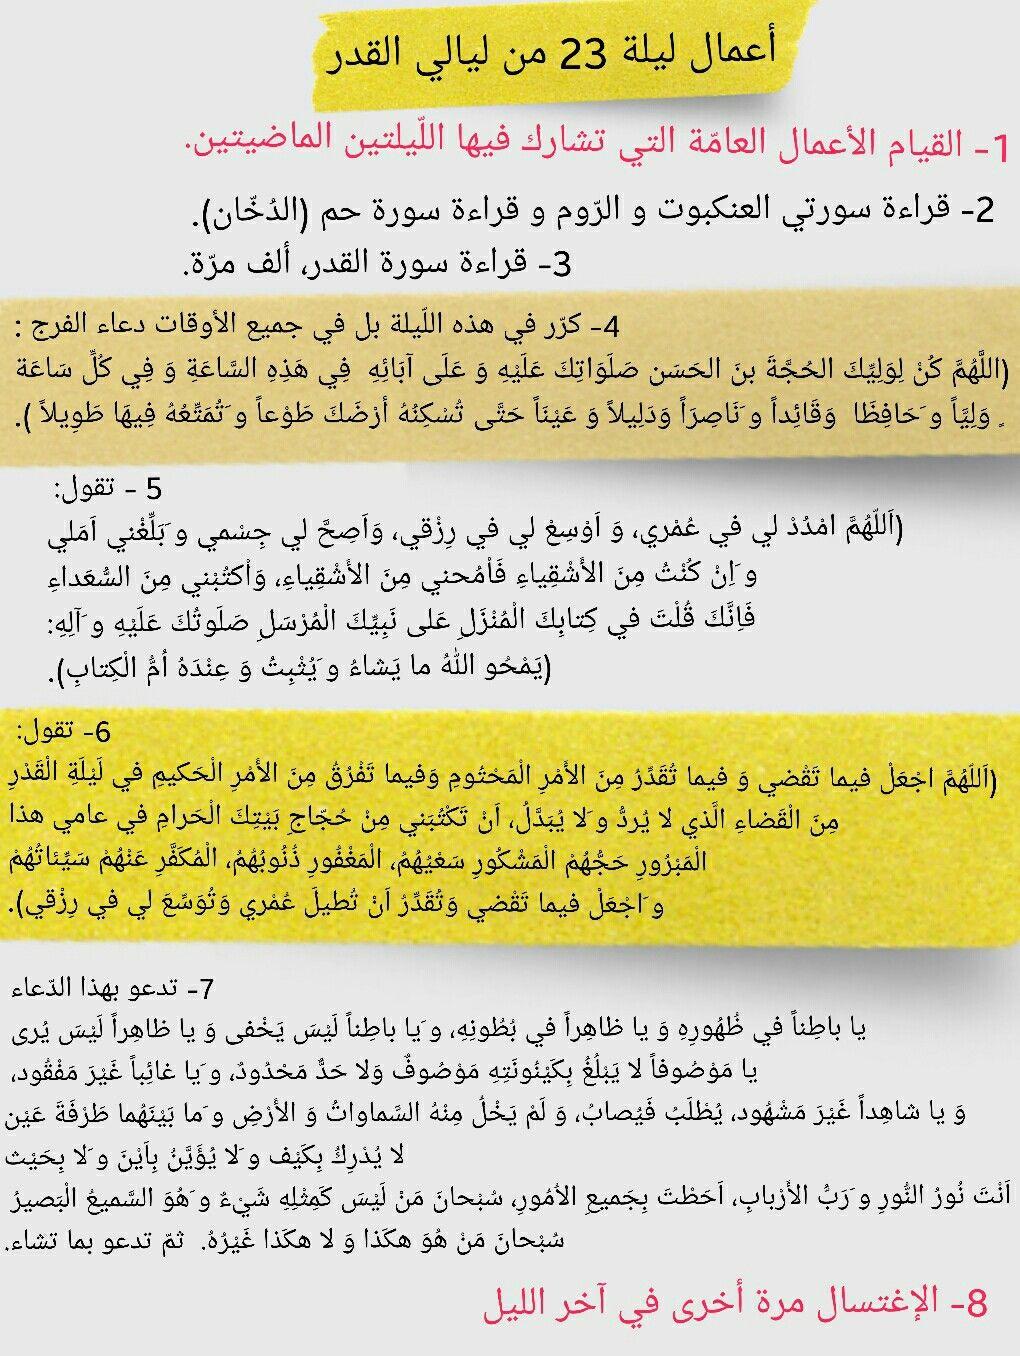 5 أعمال ليلة القدر ليلة 23 رمضان تمت الاستفادة من المصدر حقيبة المؤمن شبكة الكفيل العالمية Ramadan Uji Event Ticket